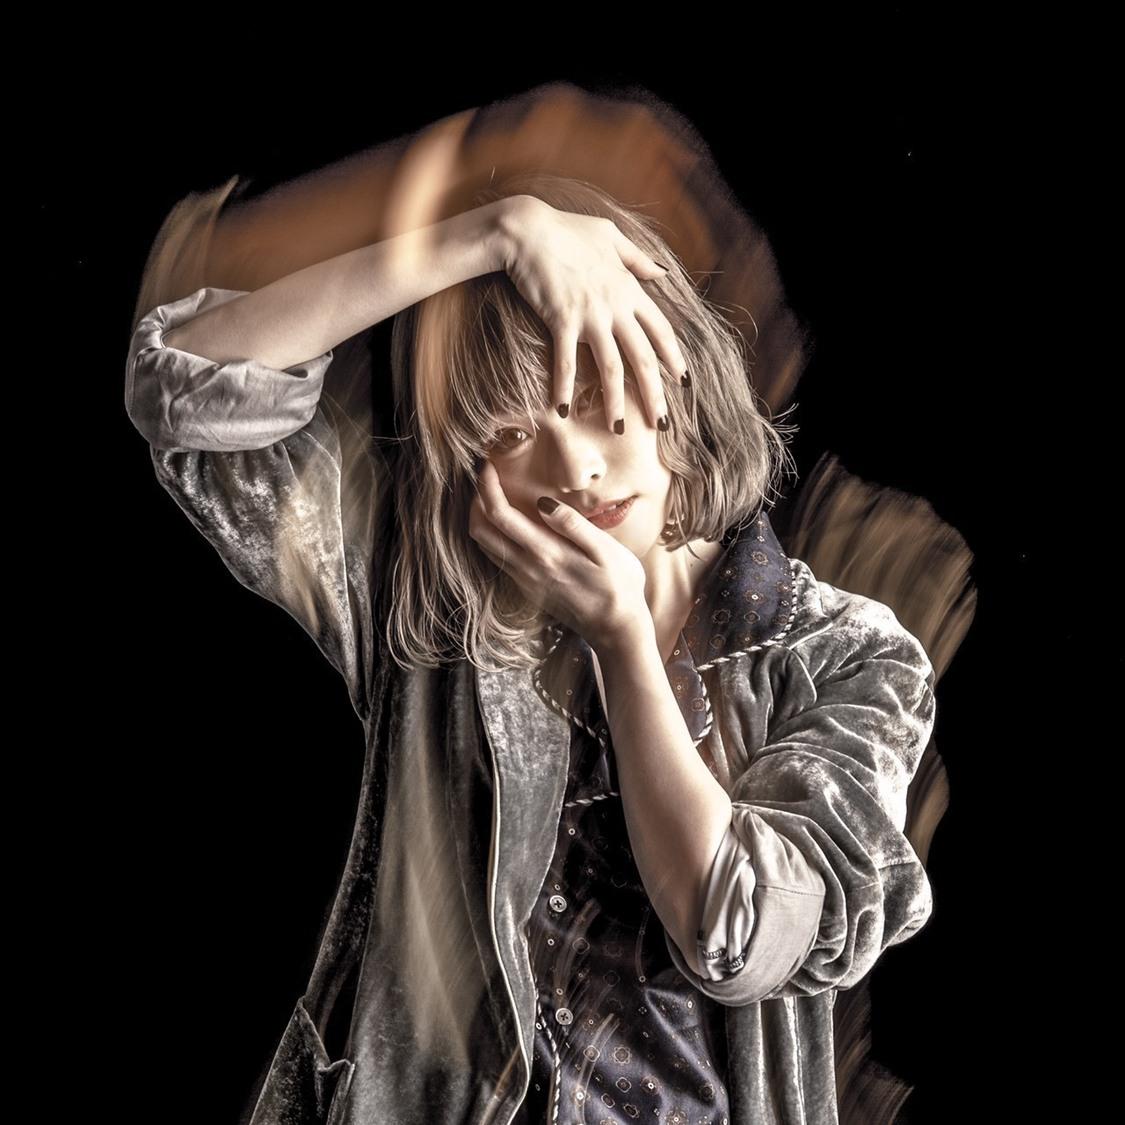 藤川千愛、自身の誕生日に無観客ライブ生配信決定! 最新AL『愛はヘッドフォンから』全収録曲を初披露